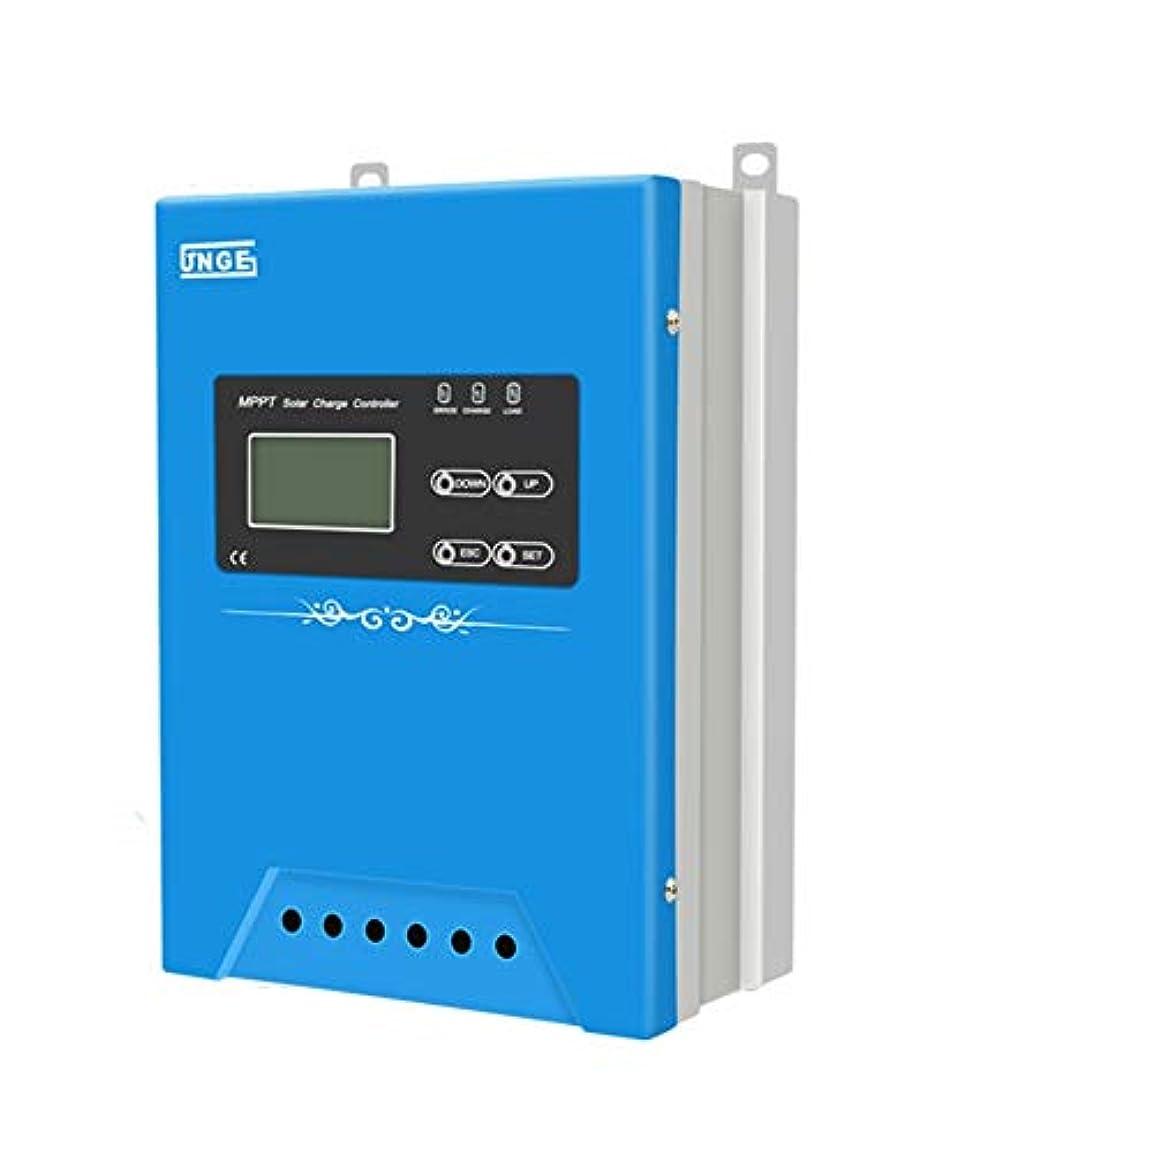 アナニバー言い訳社員MPPTソーラー充電コントローラー12V / 24V / 48V自動ソーラーパネルバッテリーレギュレータWIFI GPRS 30A / 40A / 50A / 60A / 70A LCDディスプレイ付きソーラー充電コントローラー (Color : With GPRS, Size : 30A)